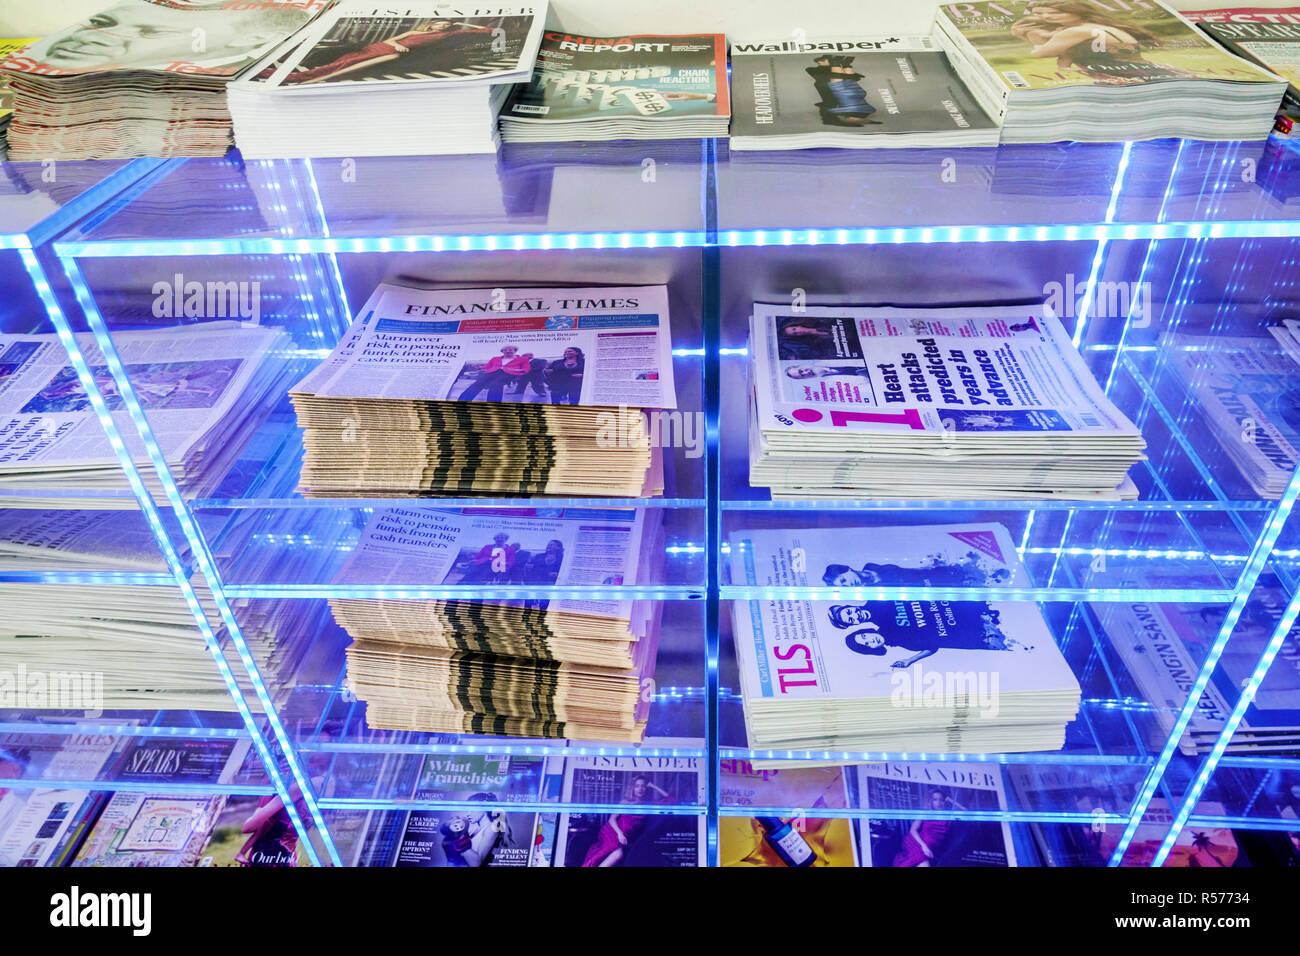 Vereinigtes Königreich Großbritannien England London Longford Flughafen Heathrow LHR terminal British Airways Ankunftshalle Zeitschrift Zahnstangen kostenlose Zeitungen firs Stockbild